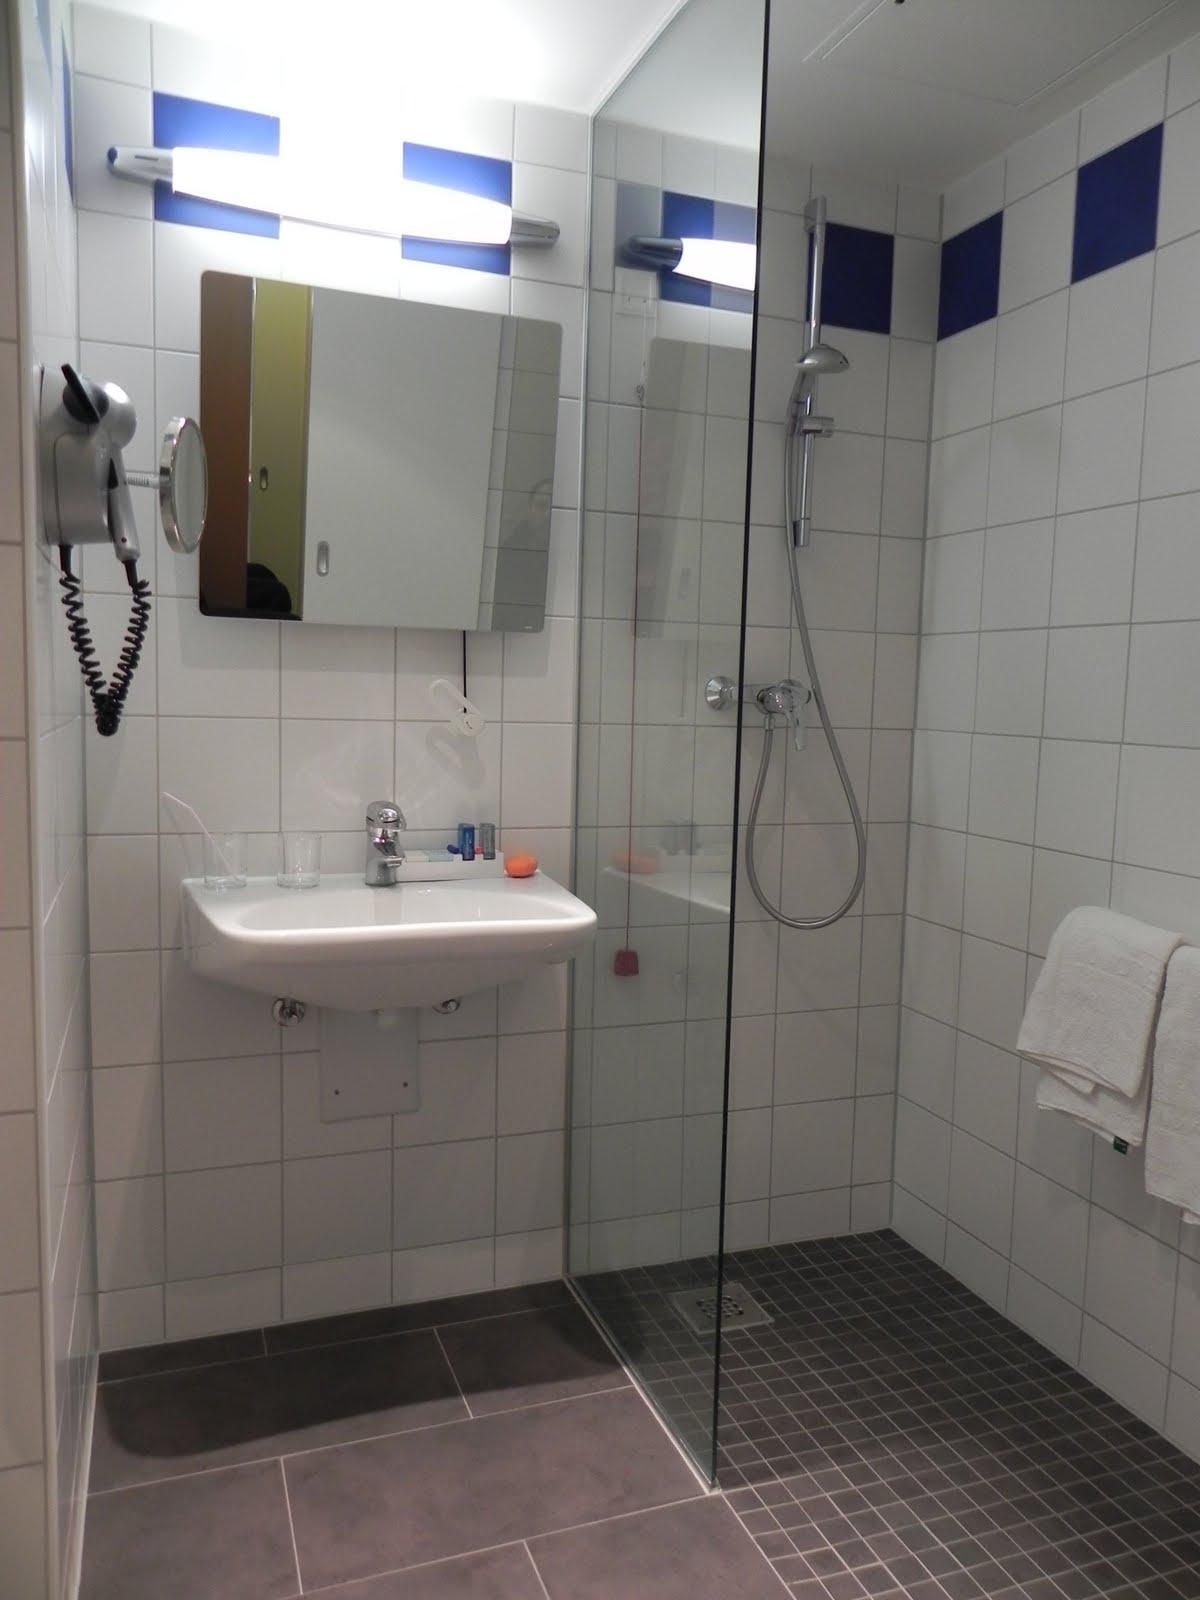 revestimento do piso é firme estável e antiderrapante. Na área de  #384F93 1200x1600 Acessorios Para Banheiro Hotel